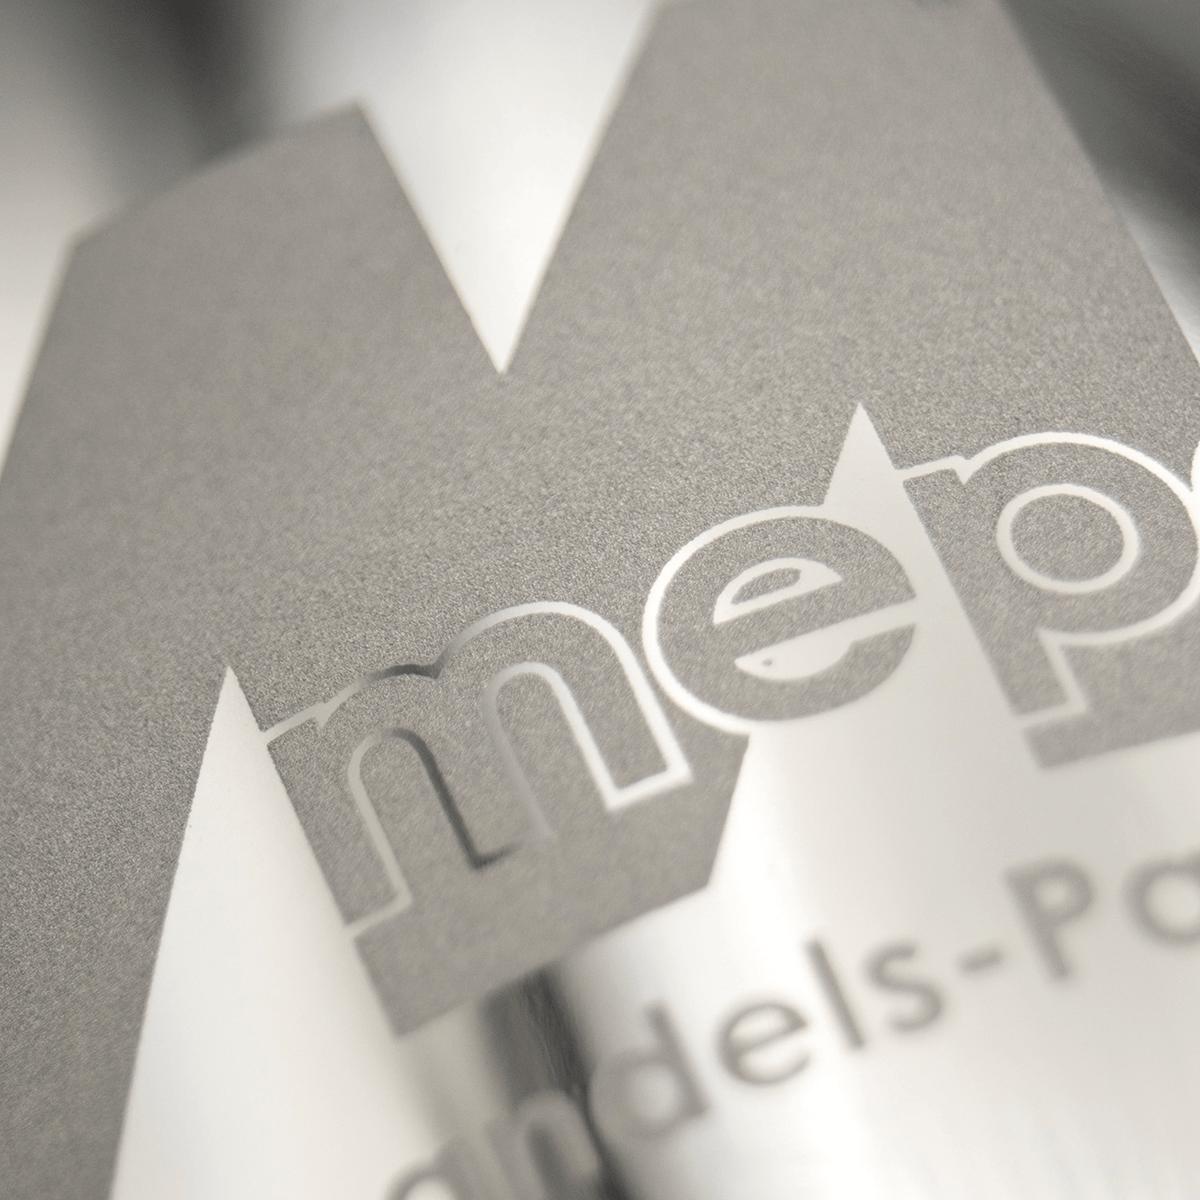 NG_NanoGlanz_EPD_Mepa_2_Detail_1200px